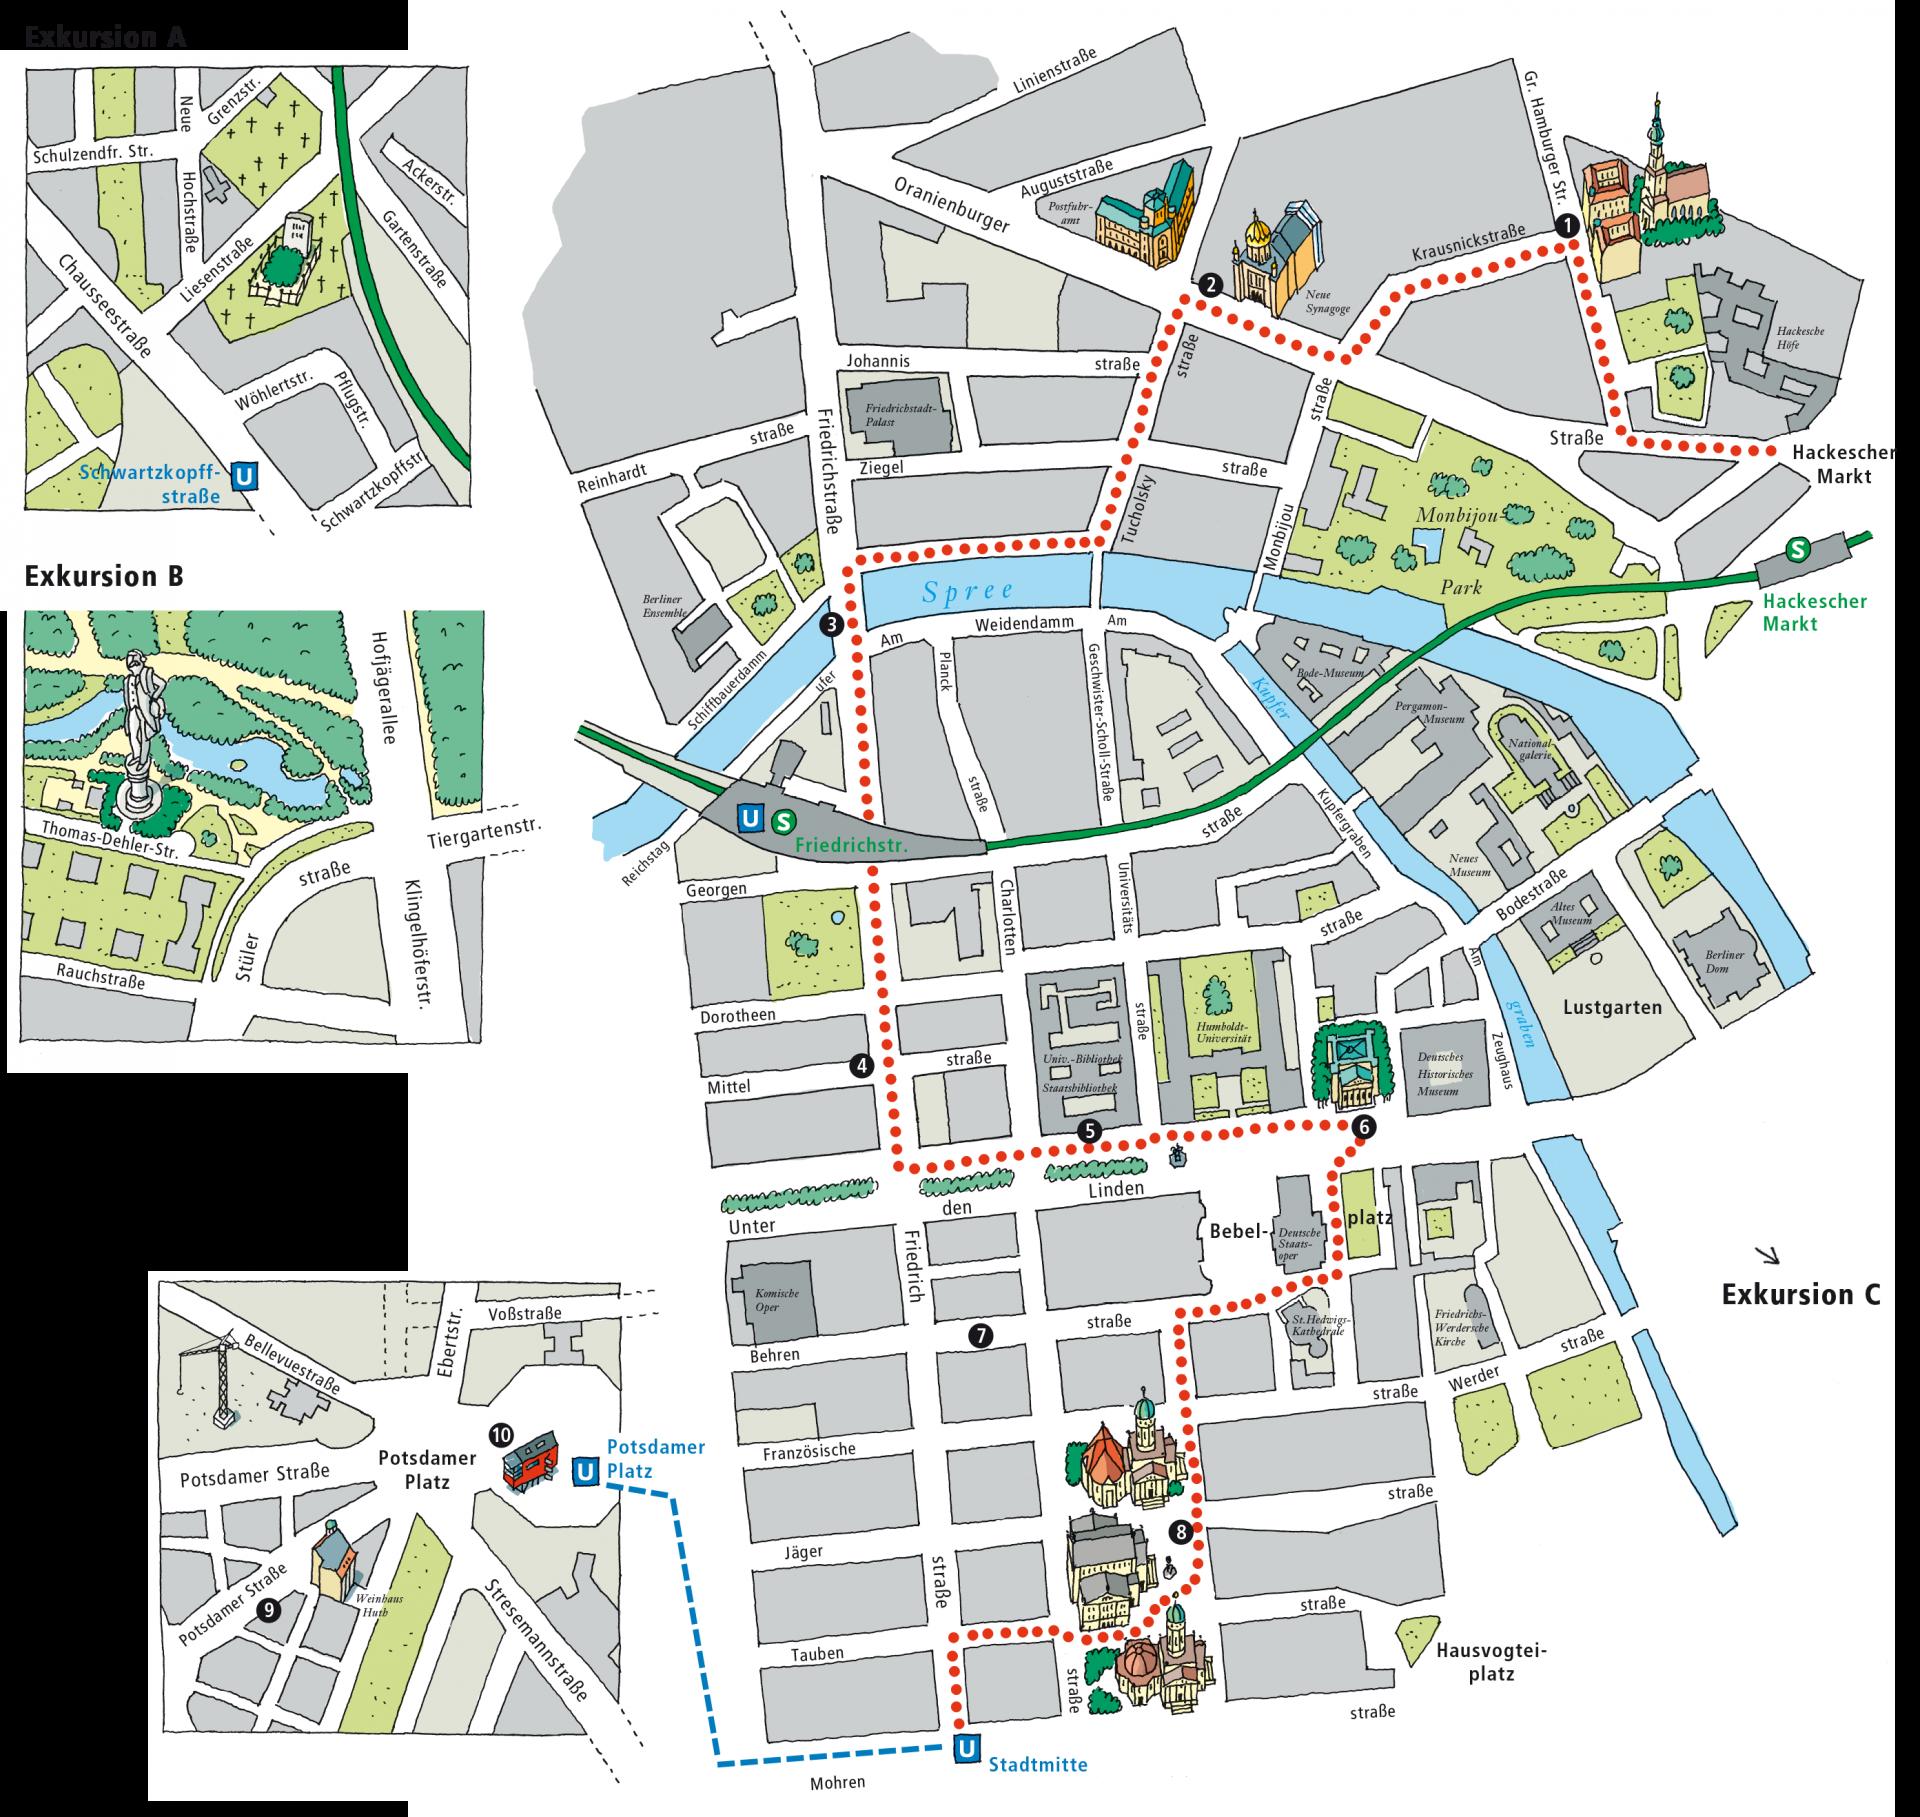 Stadtplan mit eingezeichneten Exkursionen - Typoly